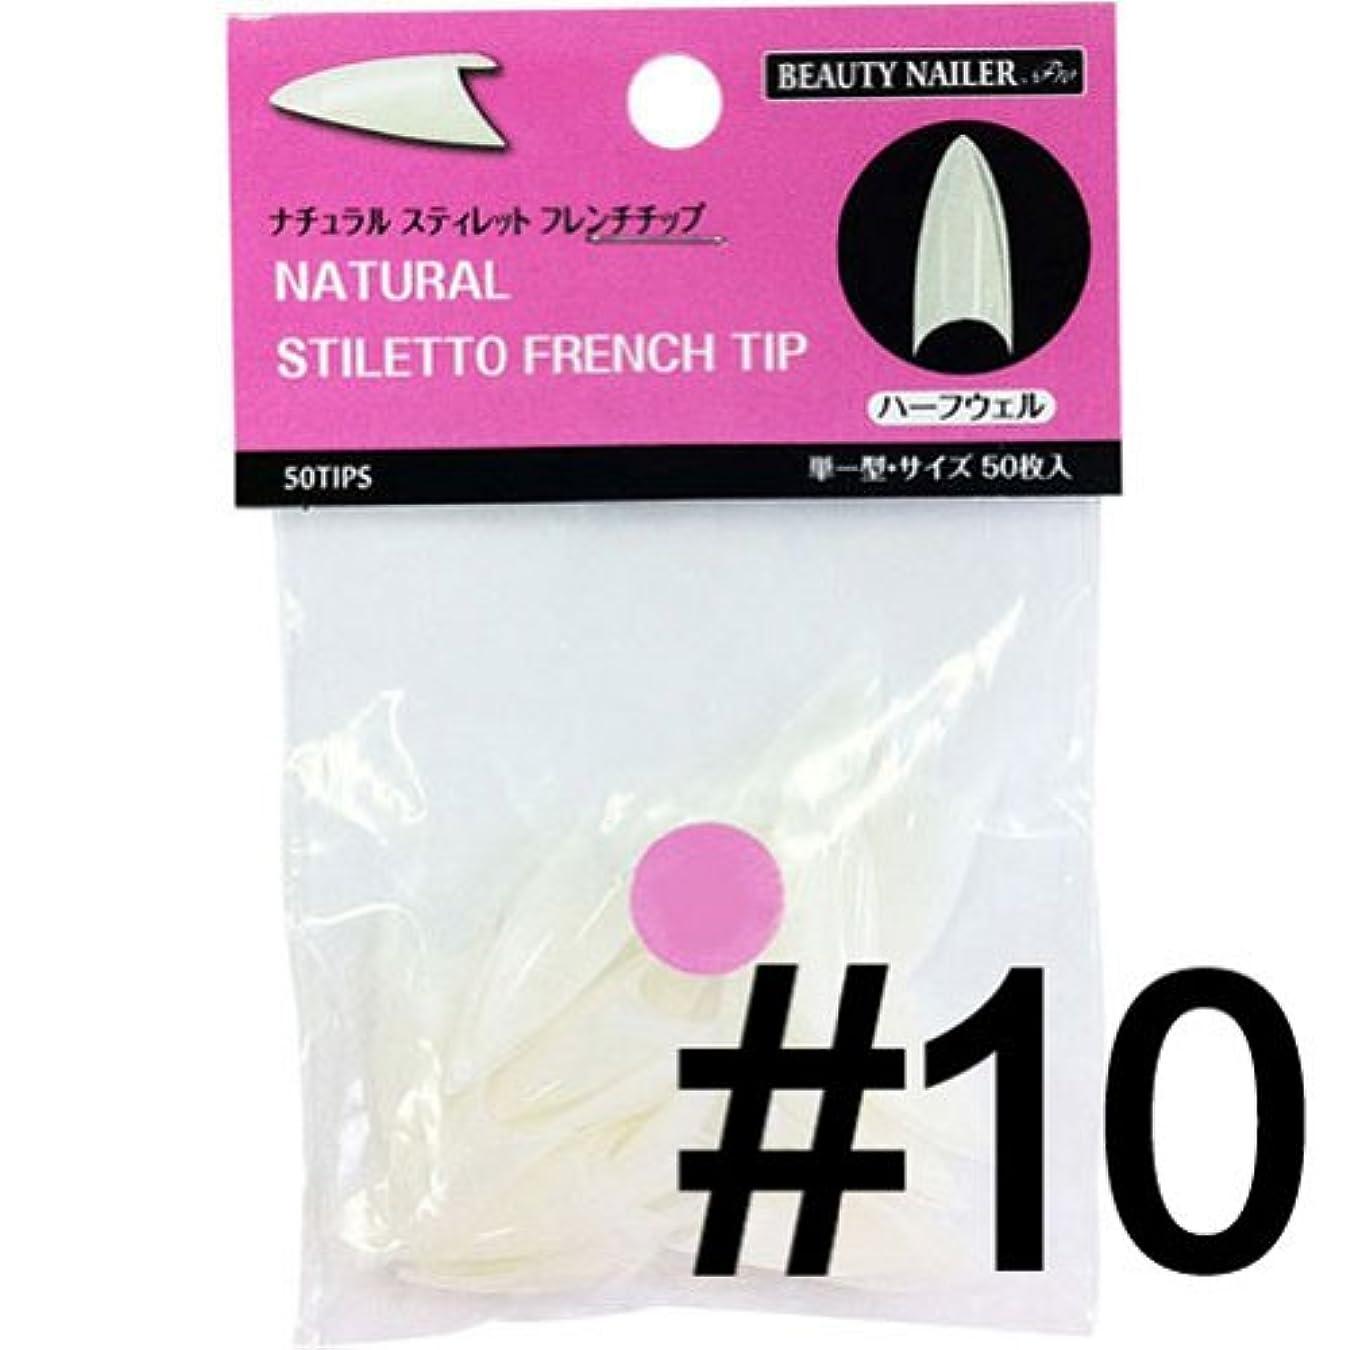 麺コジオスコバルコニービューティーネイラー ネイルチップ ナチュラルスティレットフレンチチップ PNSF-10 #10